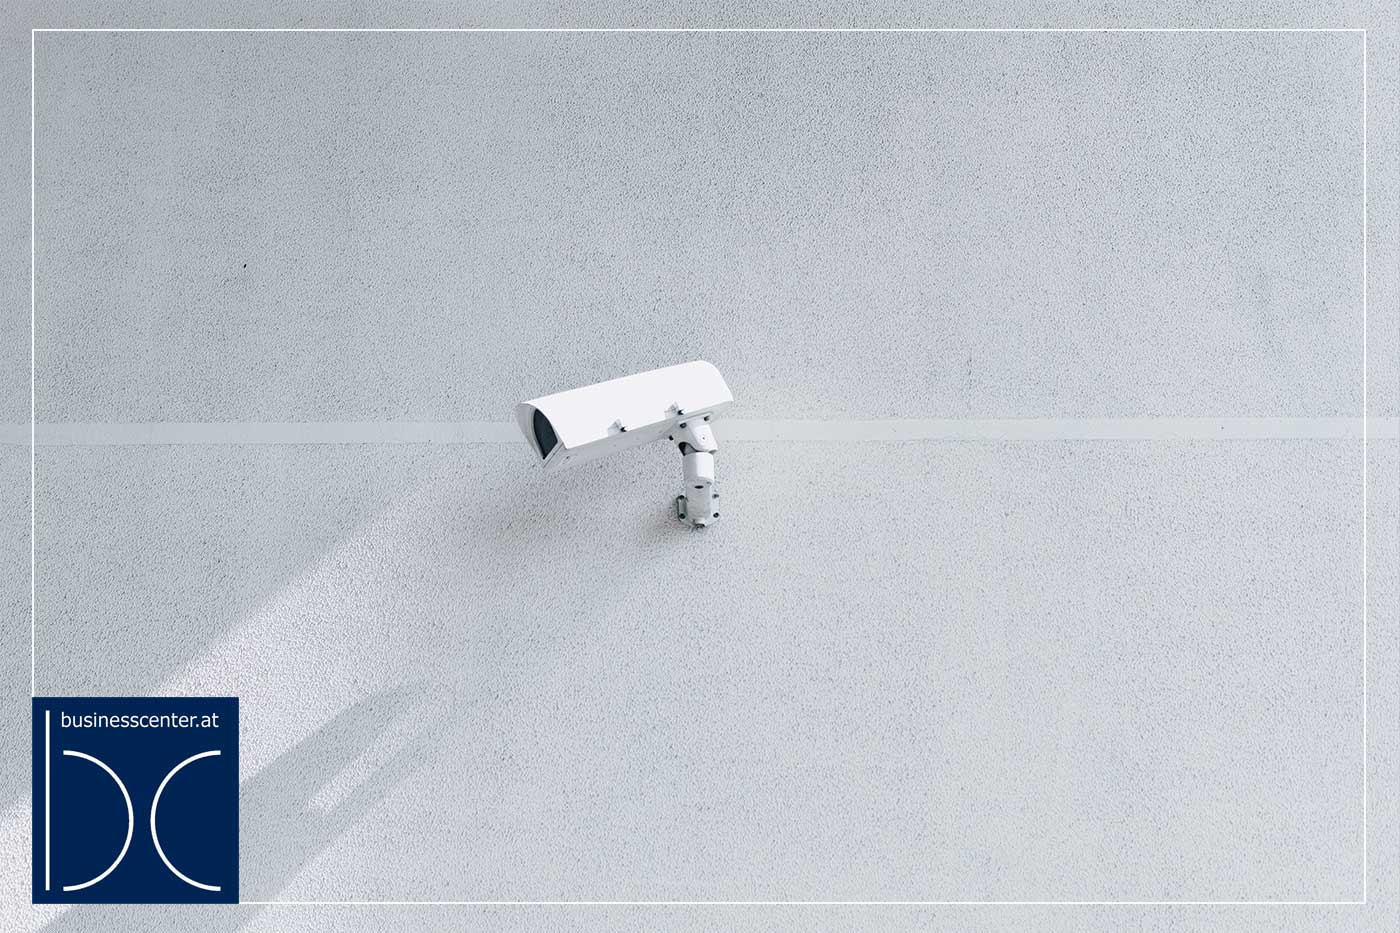 Datenschutz-Grundverordnung 2018 (DSGVO) – Alles was Sie als Unternehmer wissen müssen